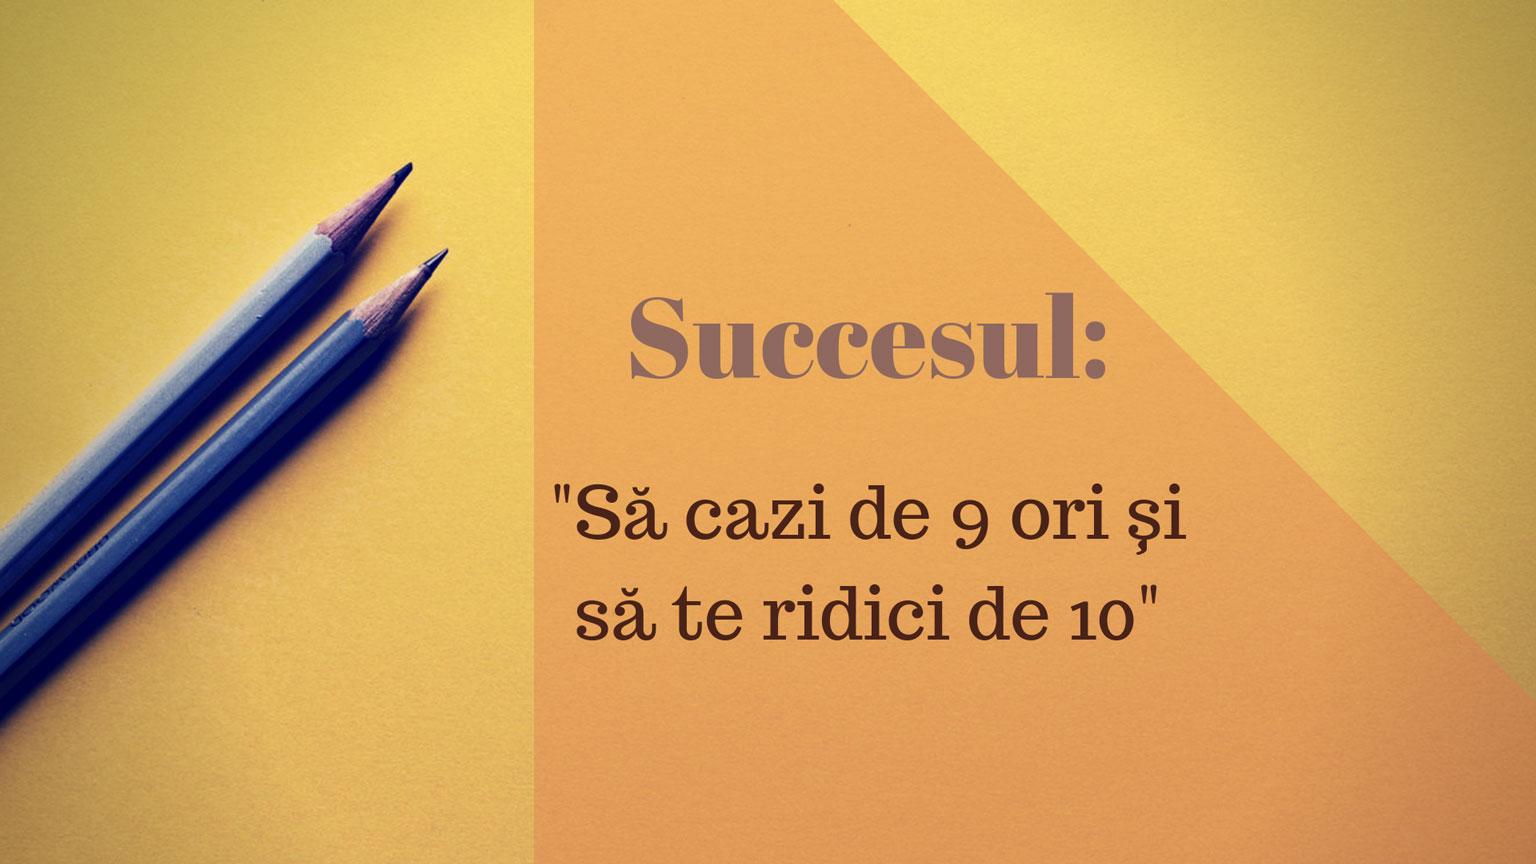 pierderi de succes studii de succes sfaturi